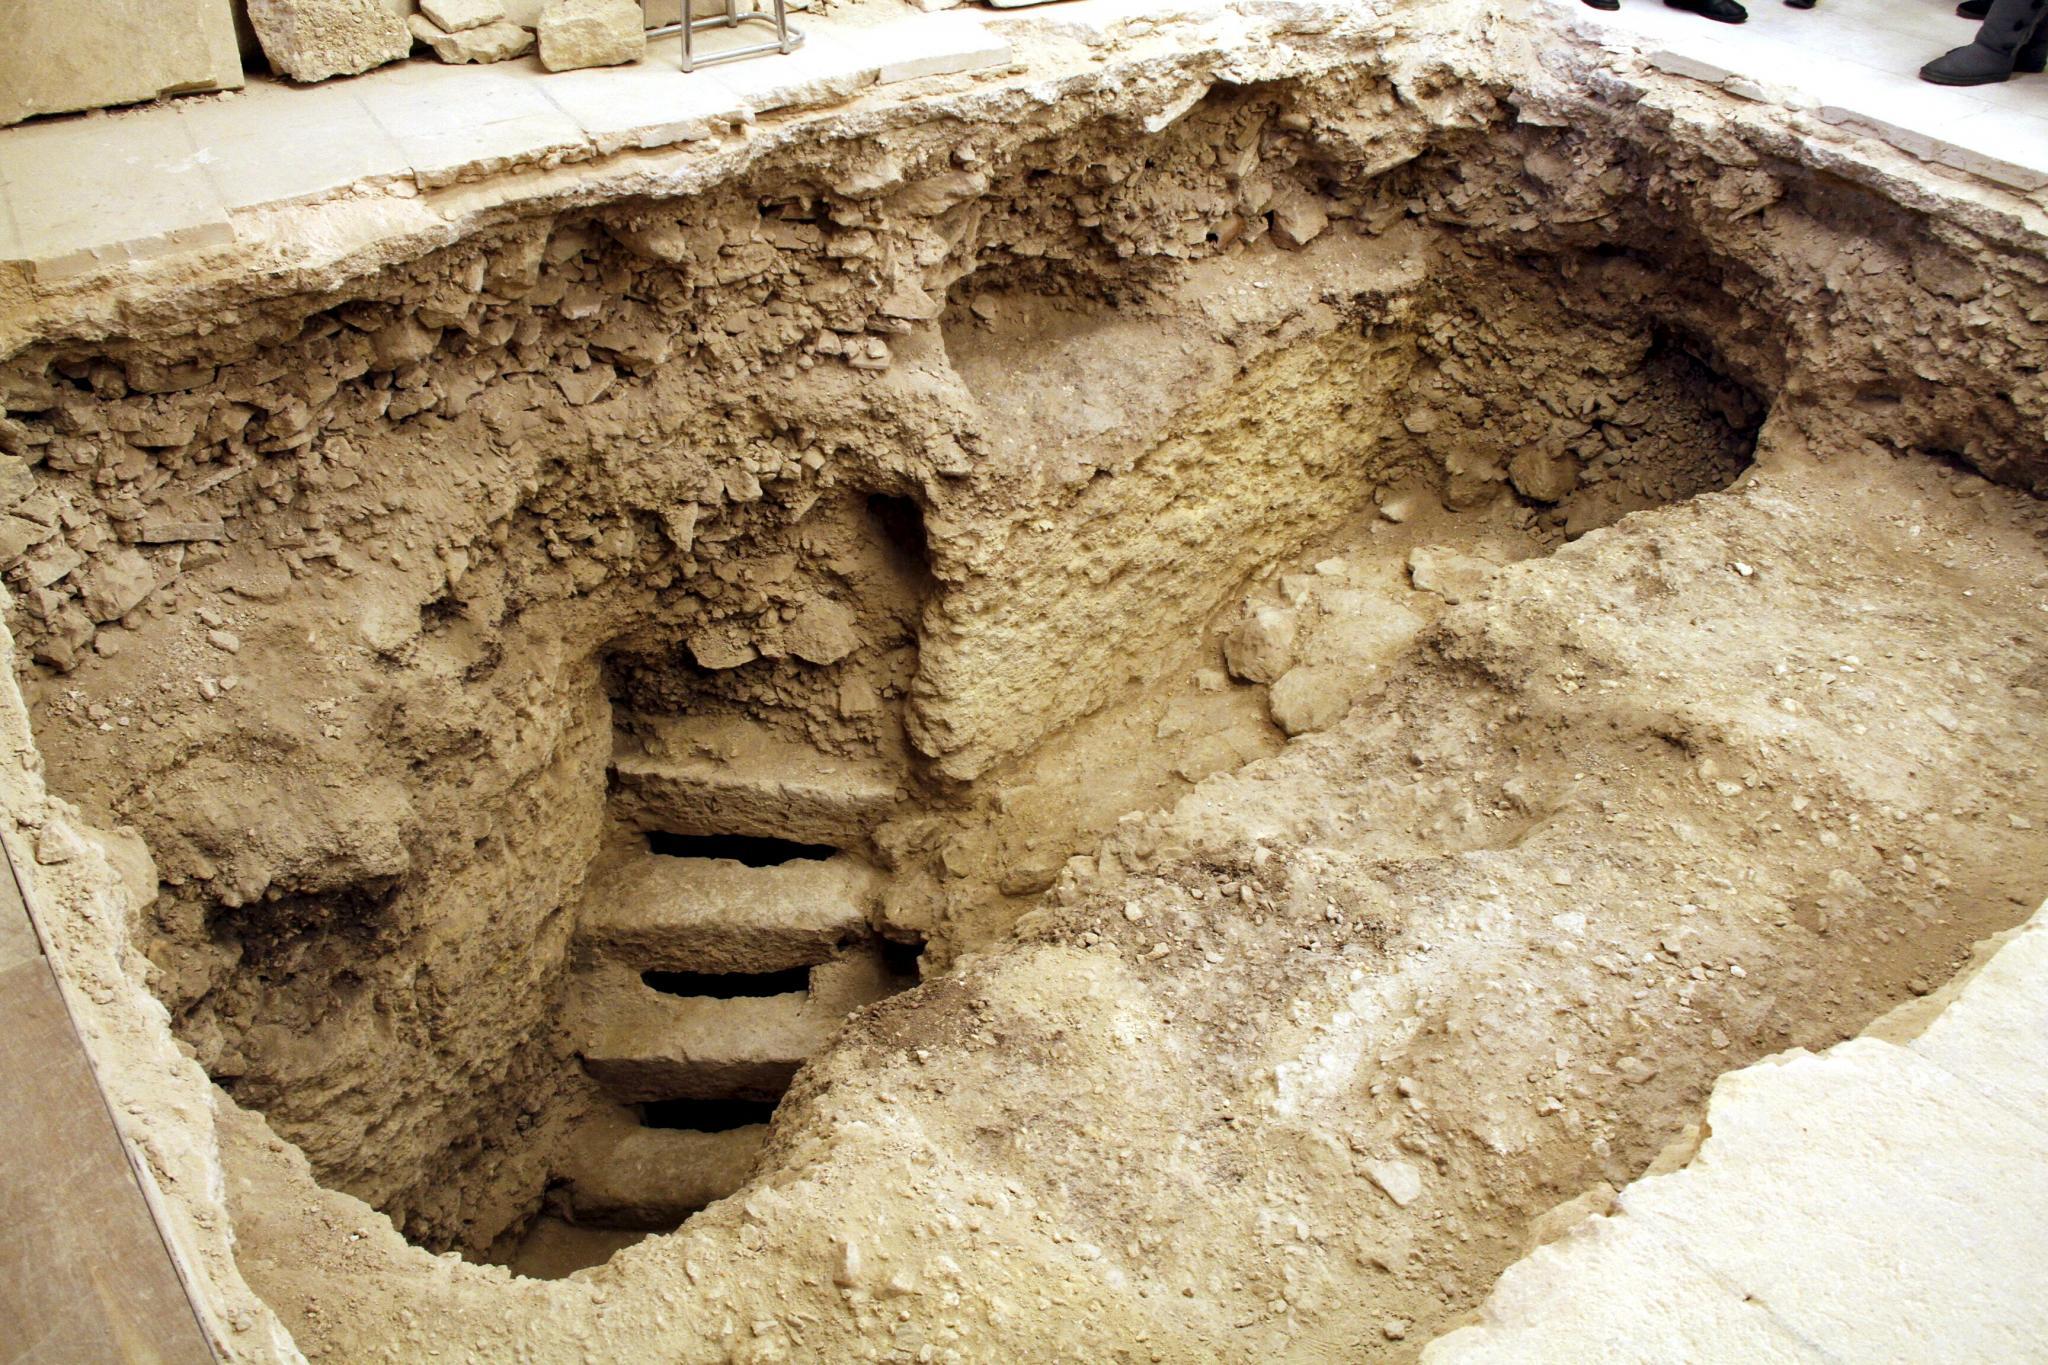 Un pasadizo y cinco escalones de piedra 39 acercan 39 el - Escalones de piedra ...